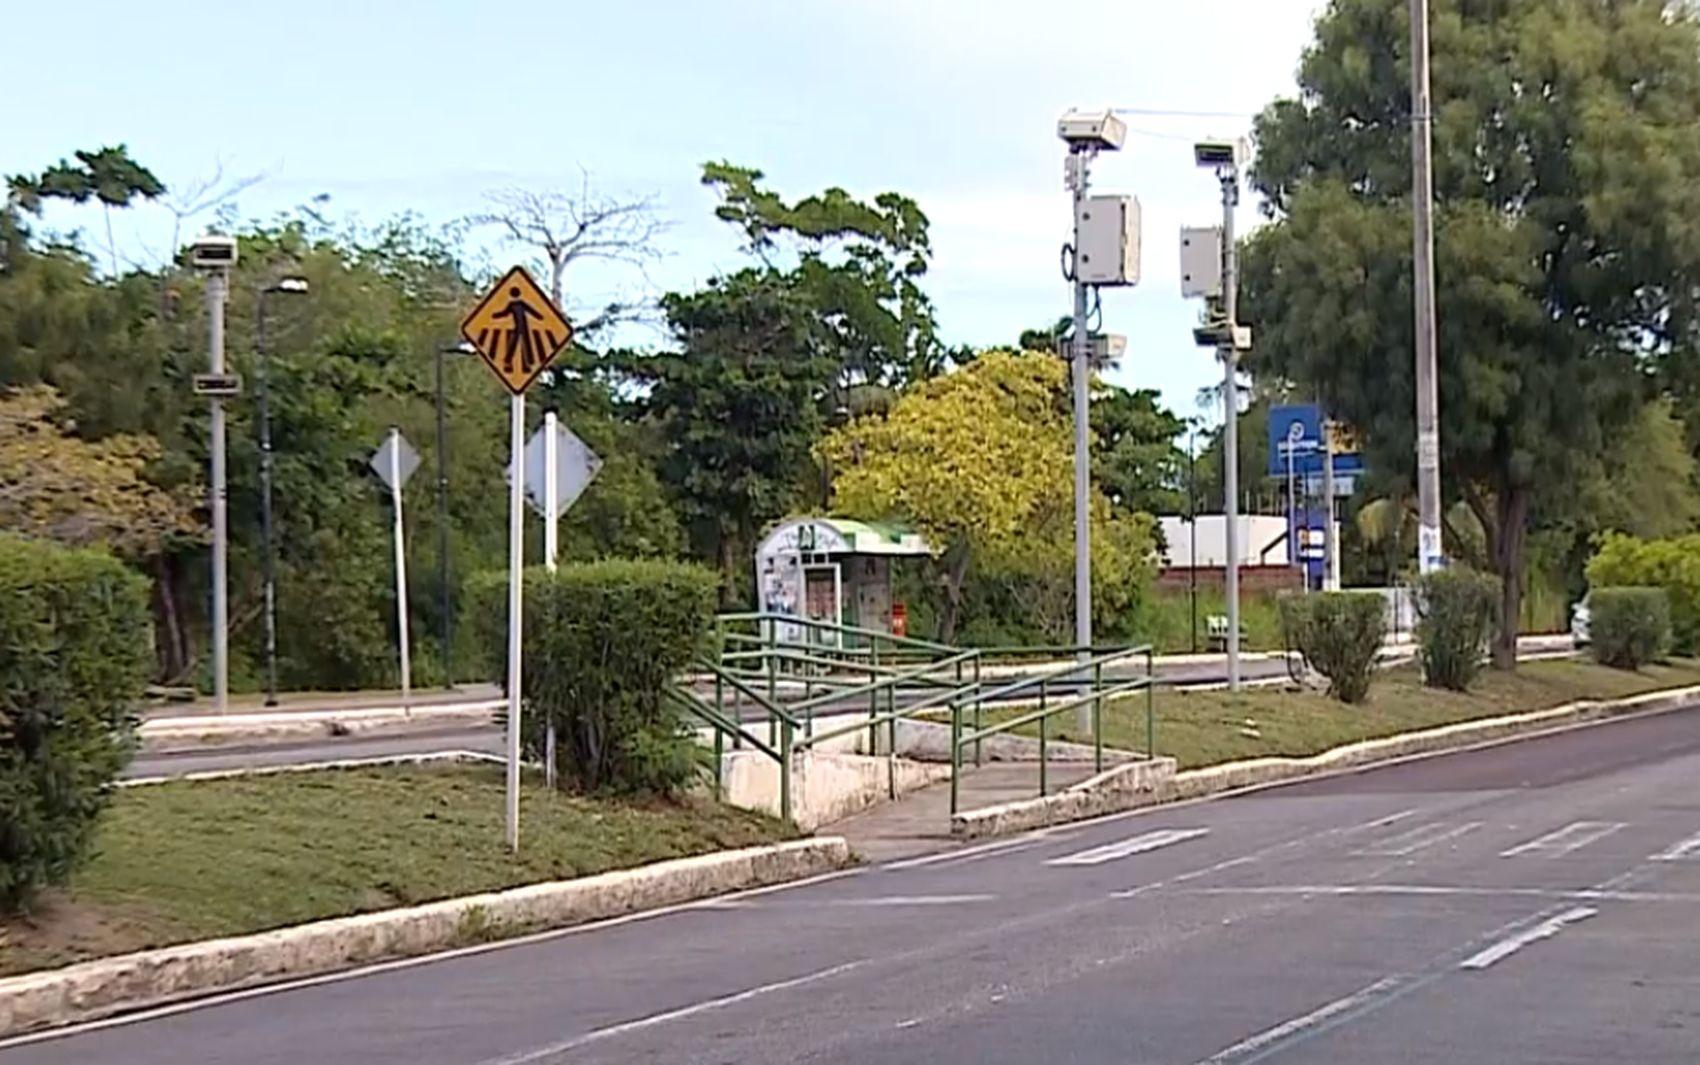 Após denúncias sobre multas de radares na Avenida Beira Mar, ITPS orienta como motorista deve proceder - Notícias - Plantão Diário